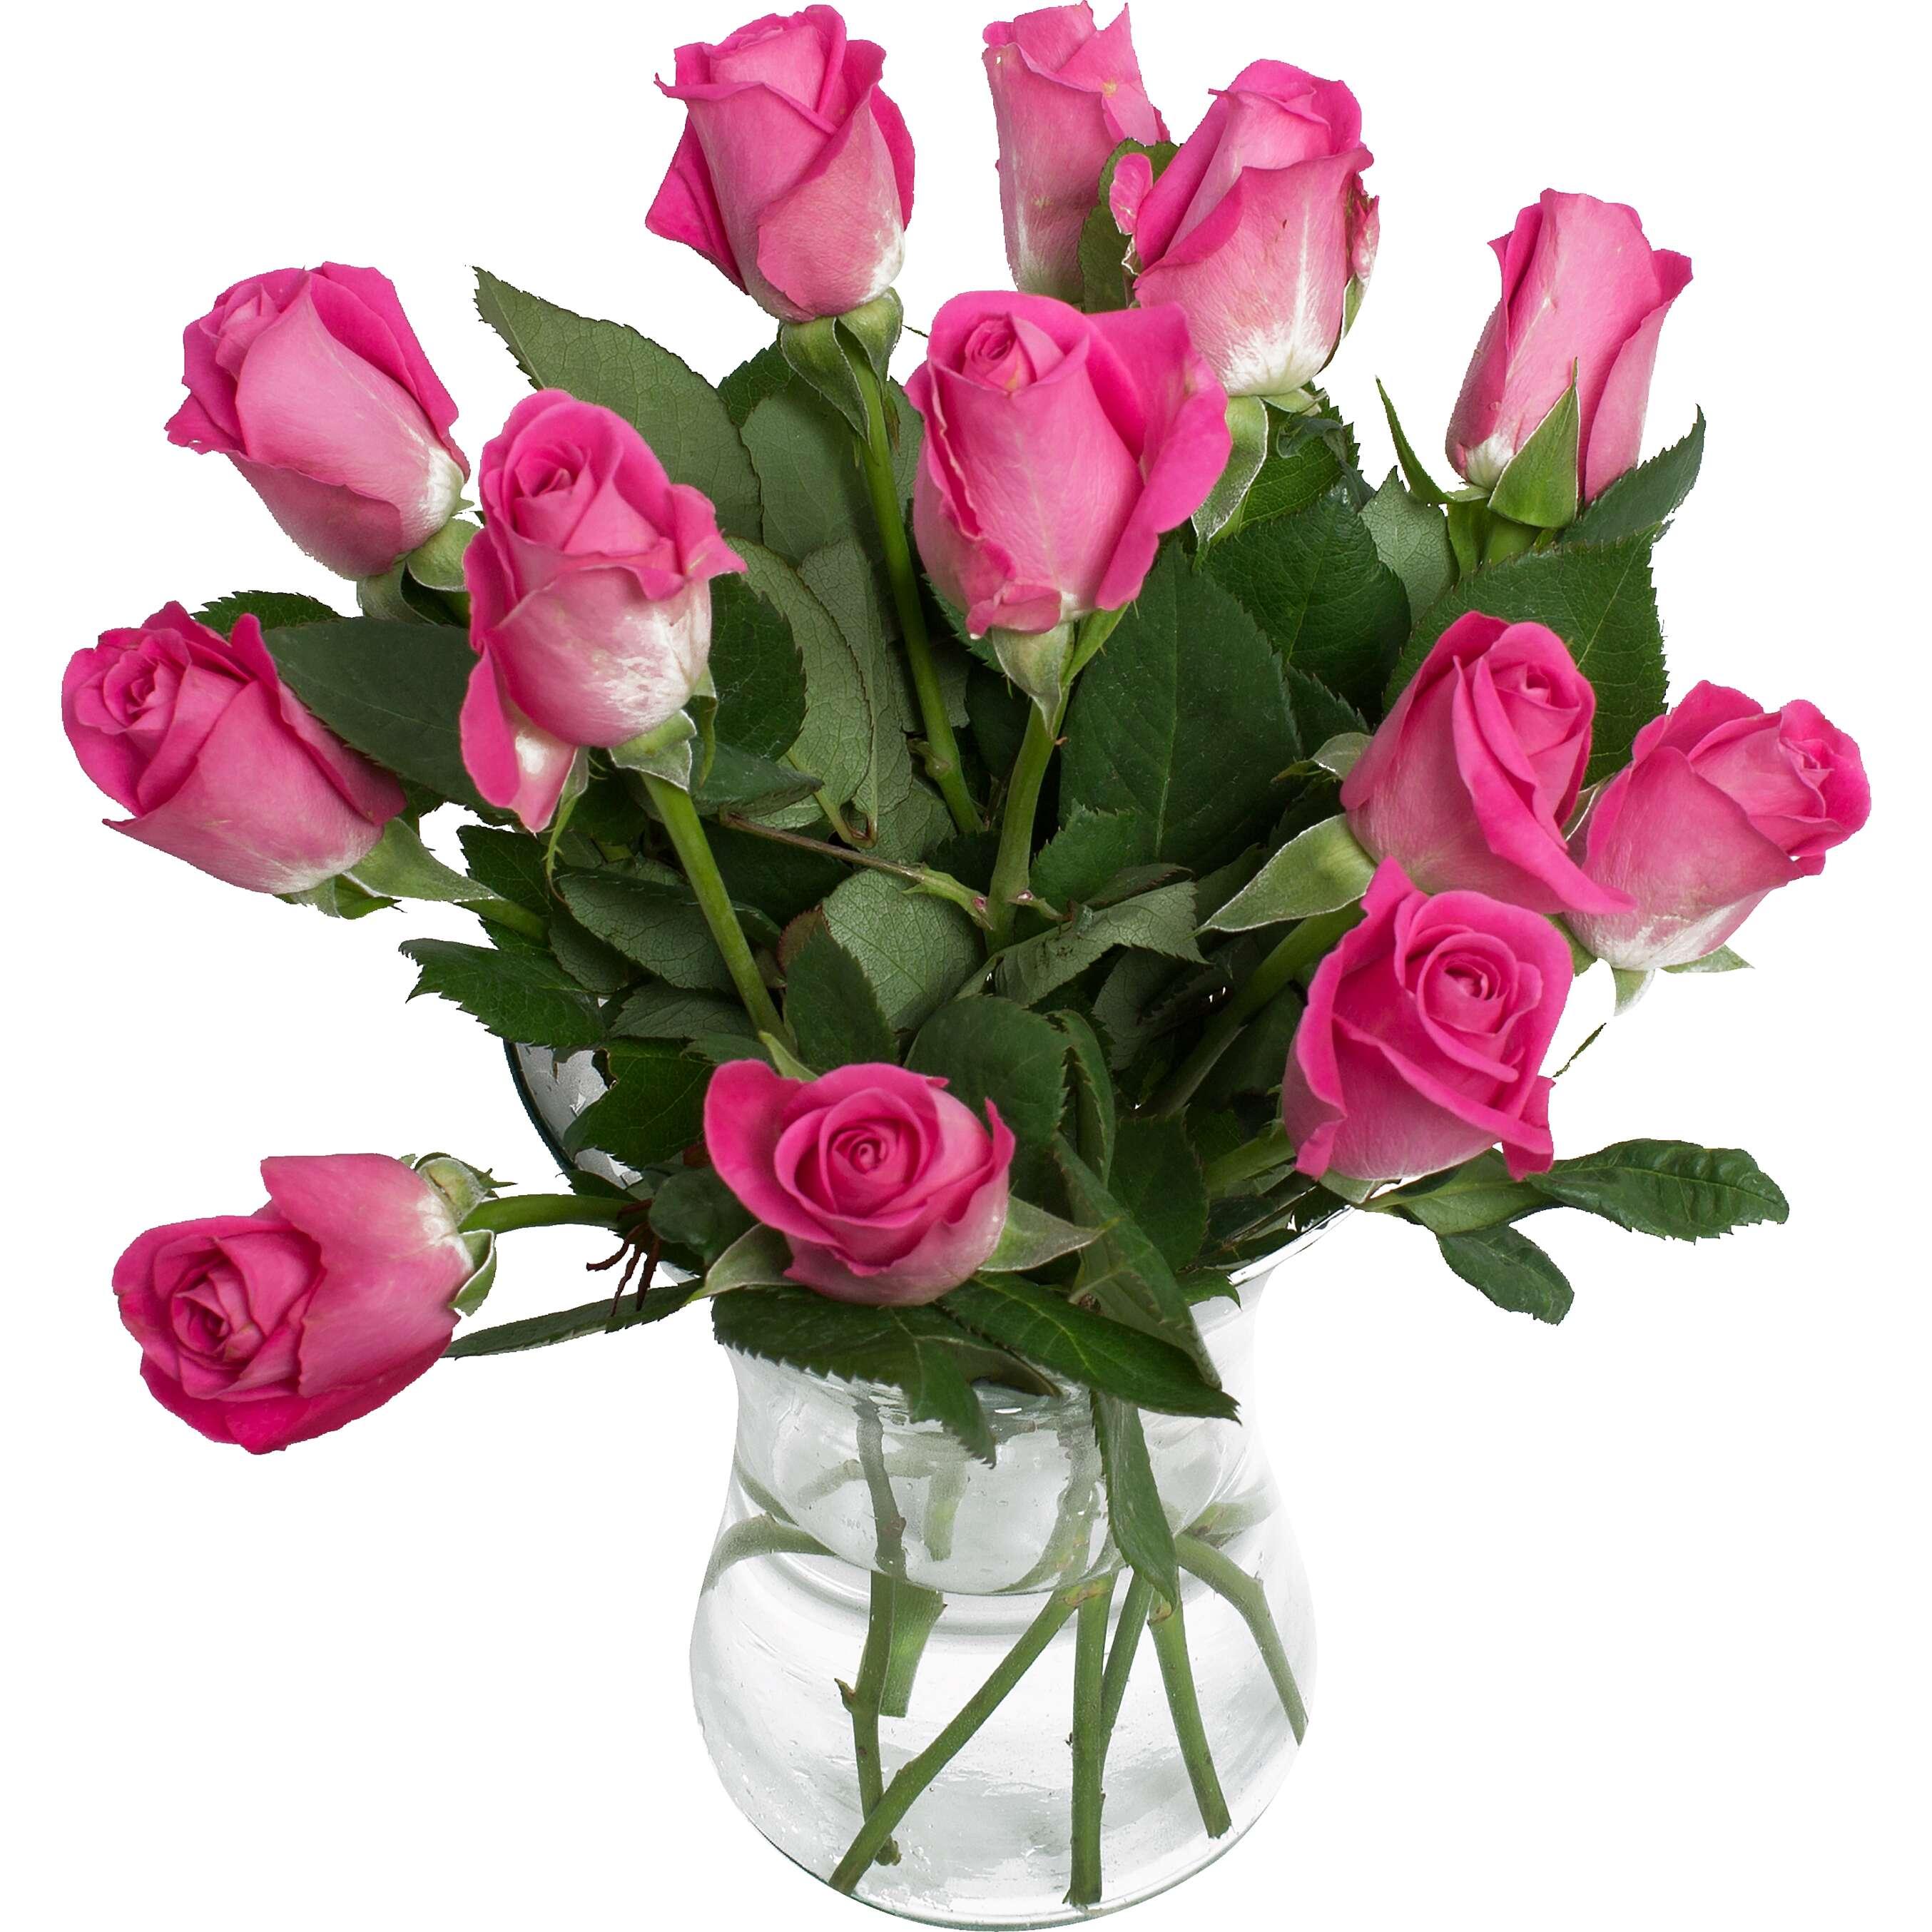 Zobrazit nabídku Kytice - Růže